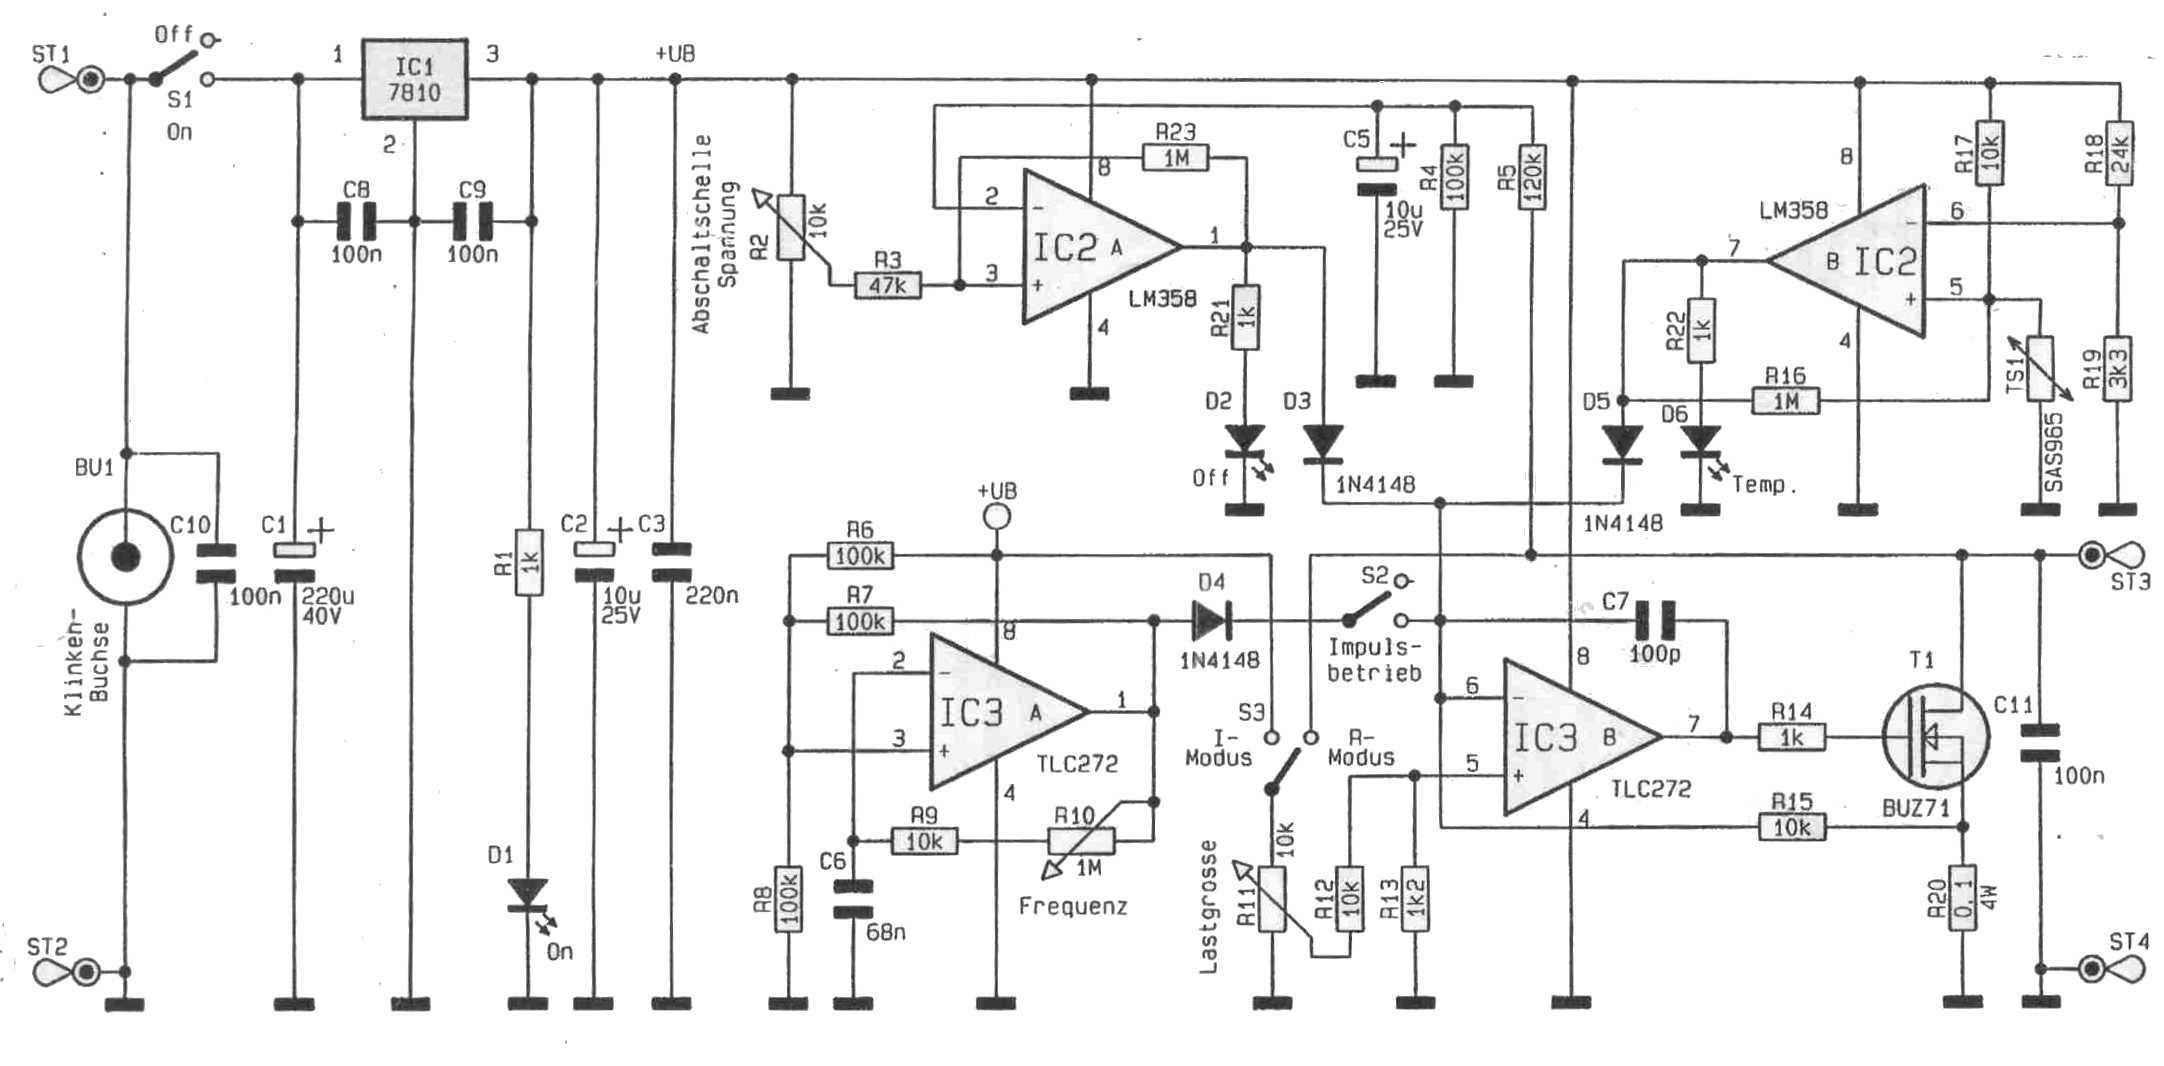 Transistoren für elektronische Last geeignet? - Mikrocontroller.net